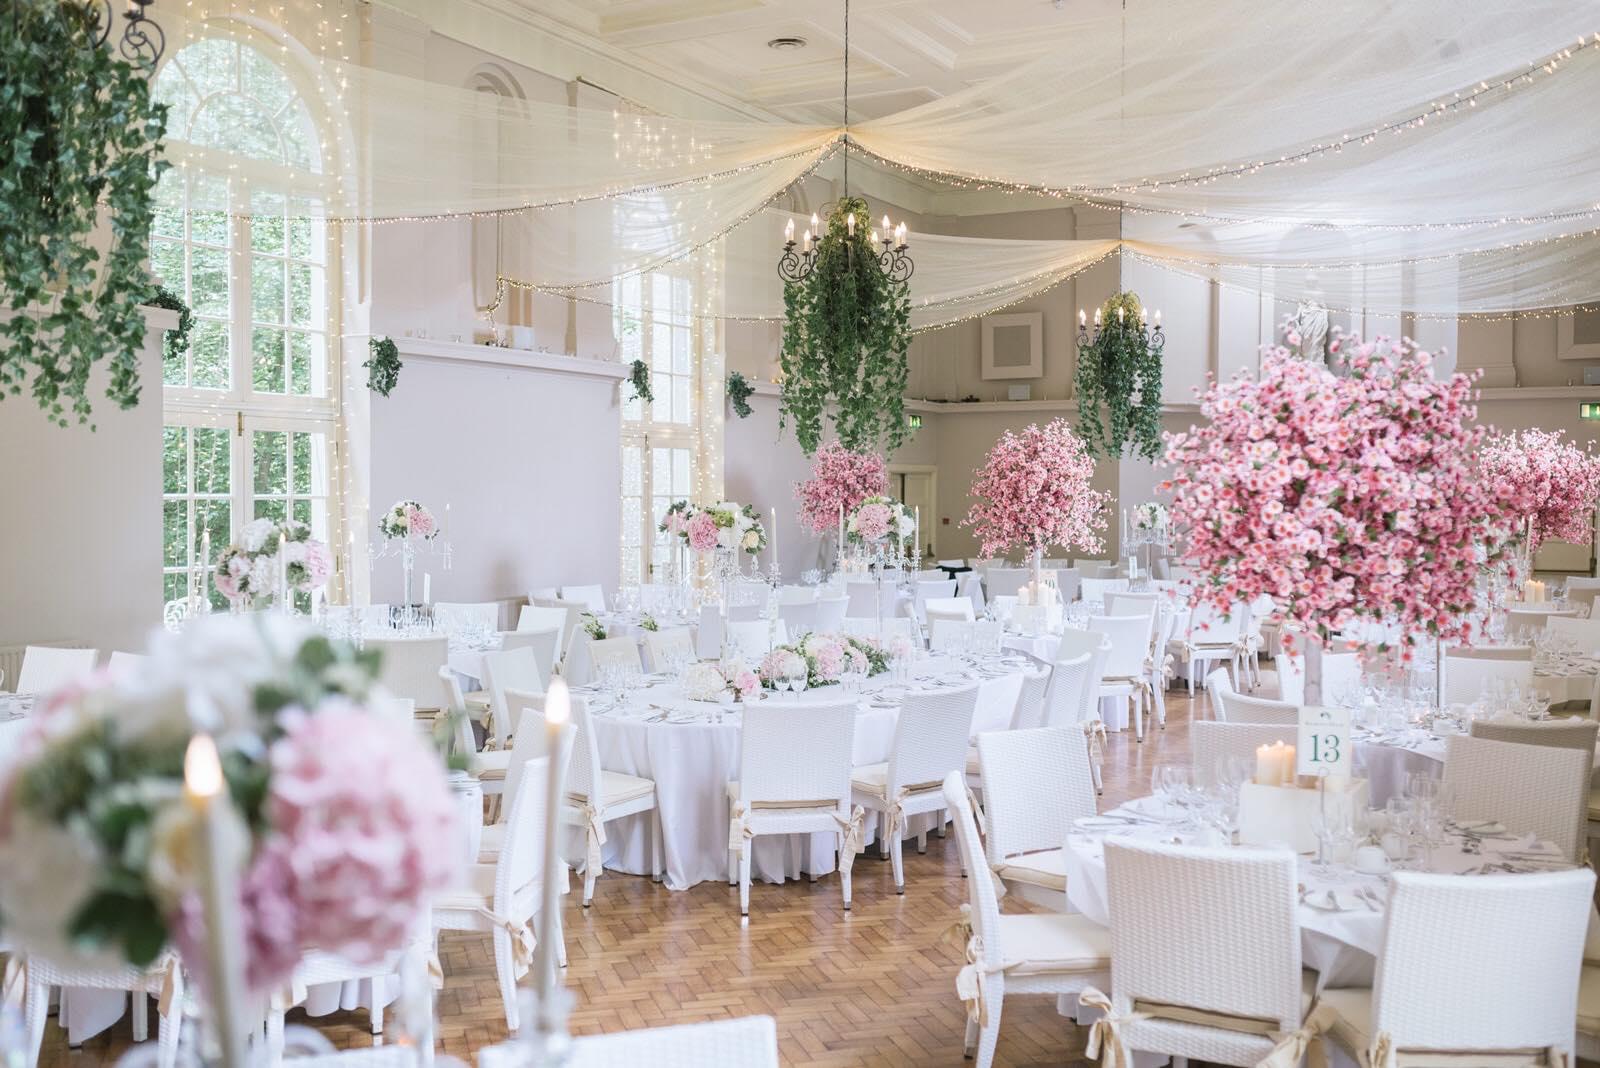 Kilshane House wedding decor